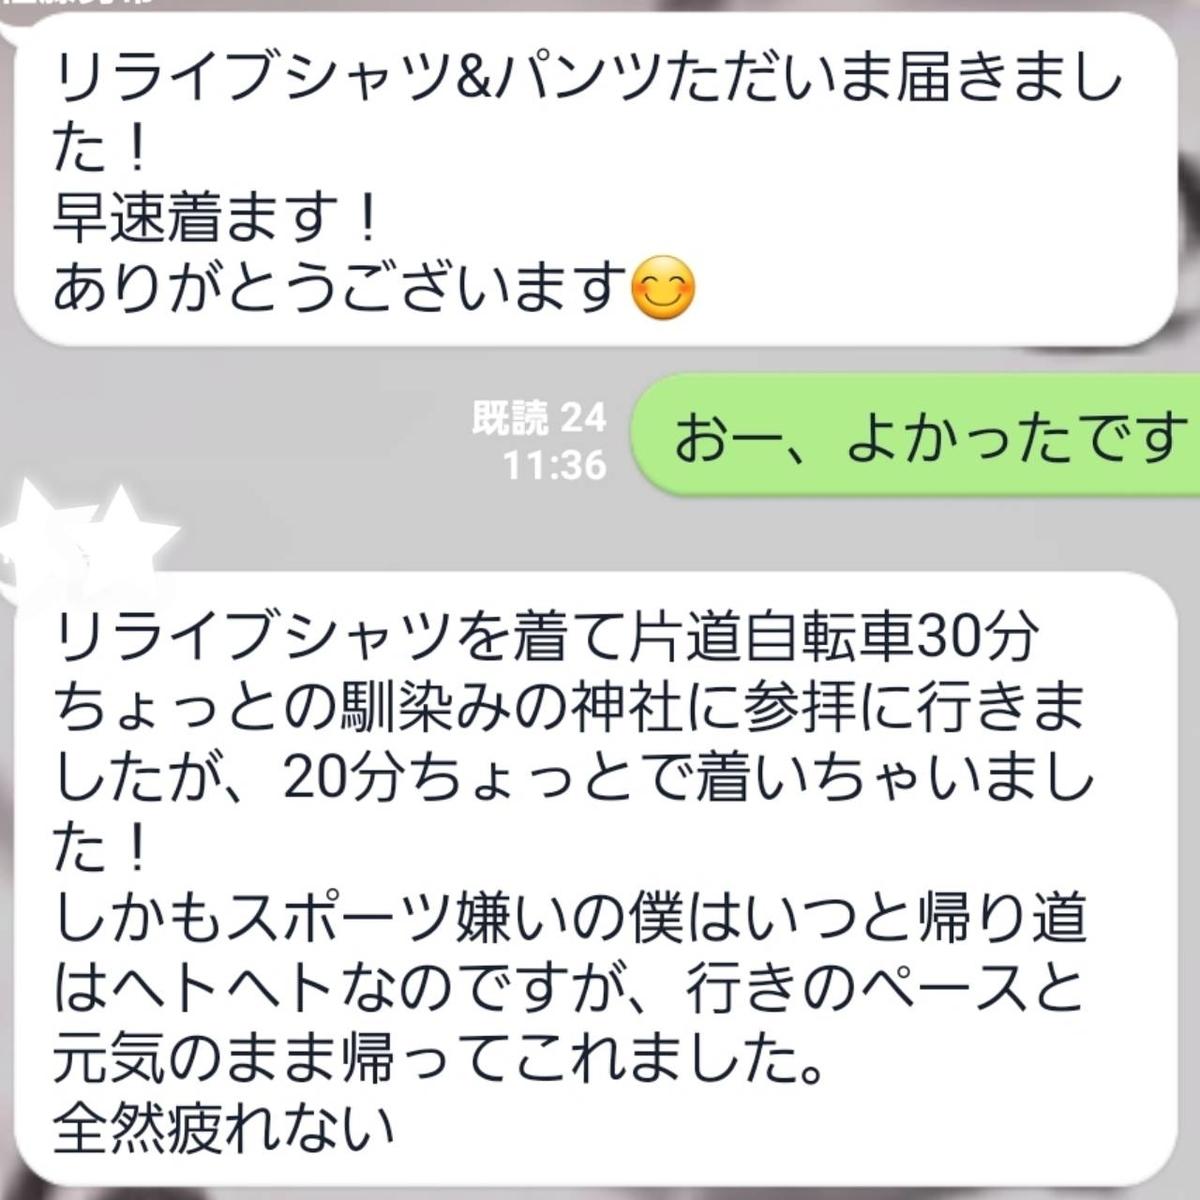 f:id:makoto_taira:20191105101459j:plain